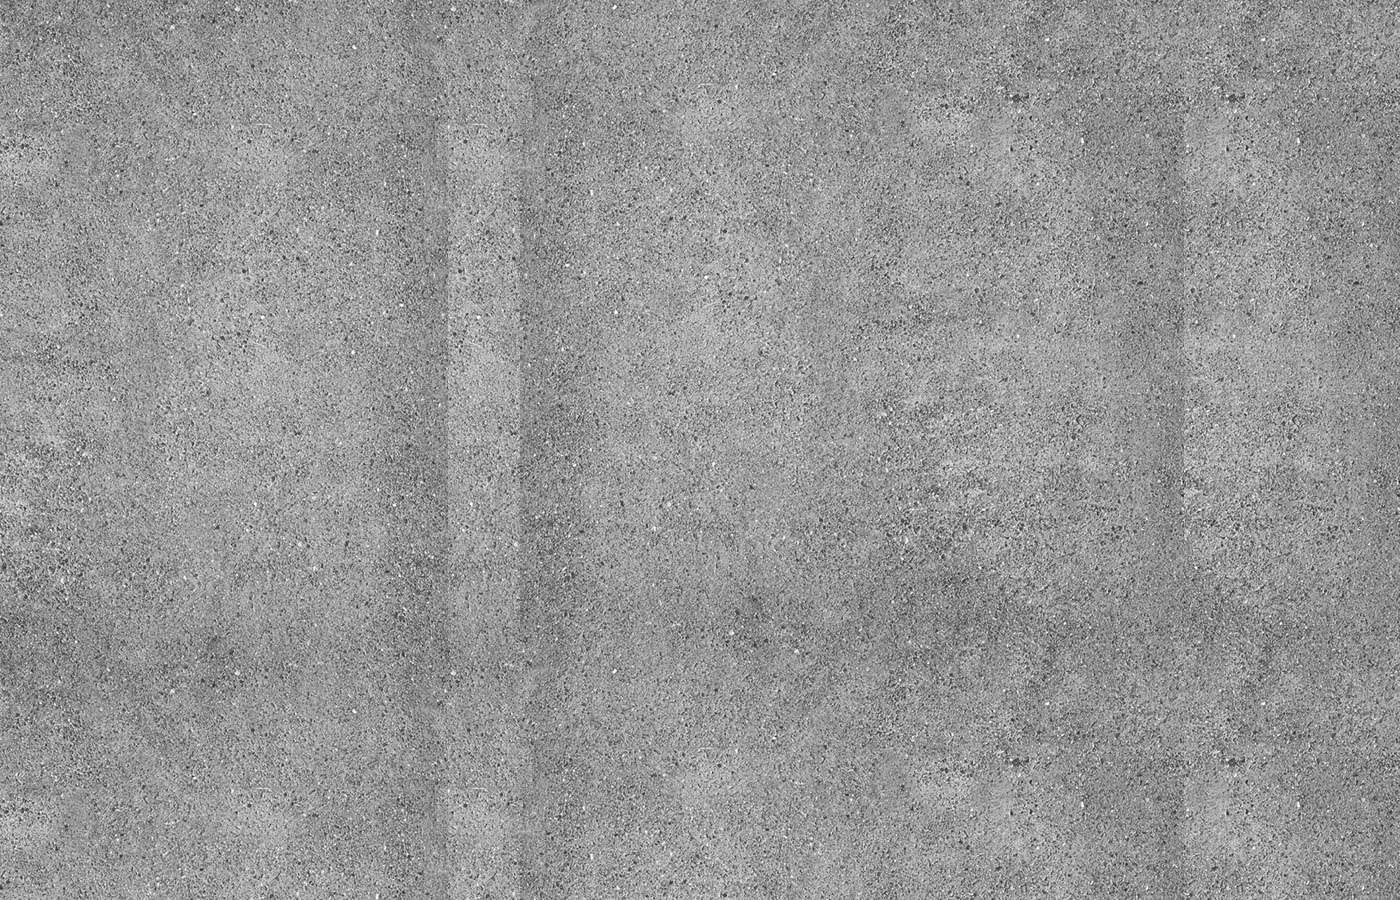 Купить строительный бетон краснодар завод бетона сайт